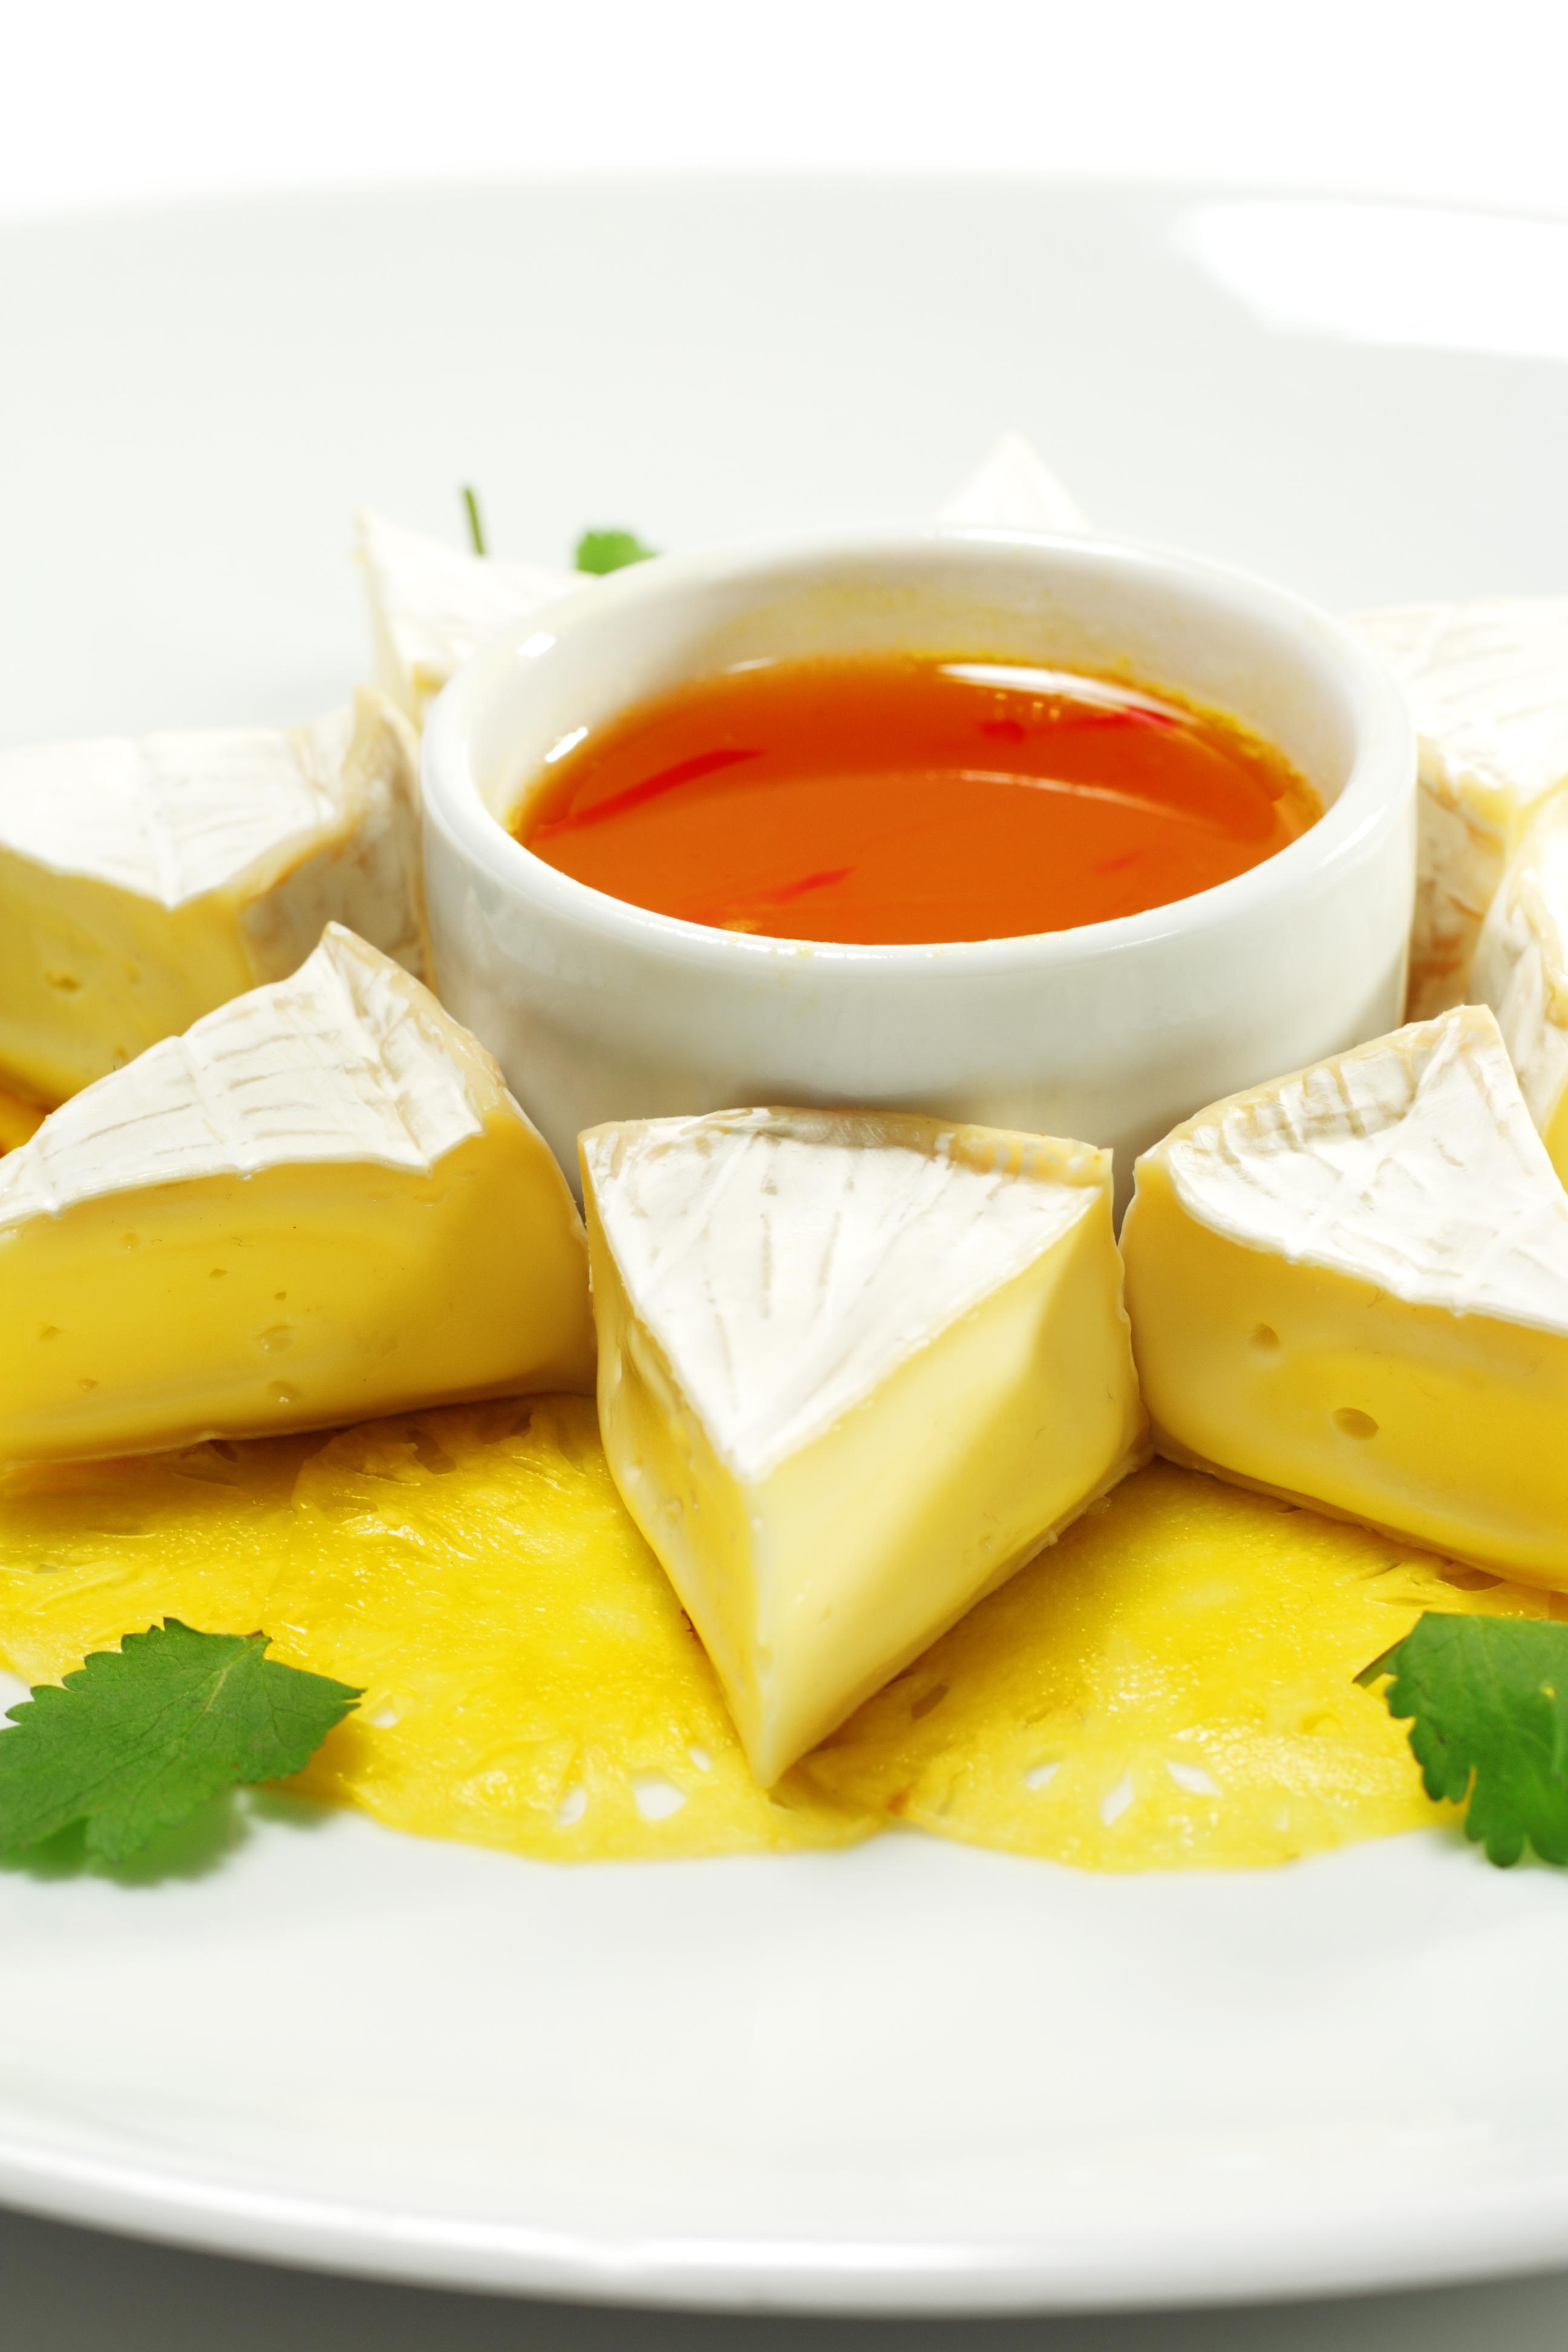 Crema de naranja para acompañamiento o rellenos